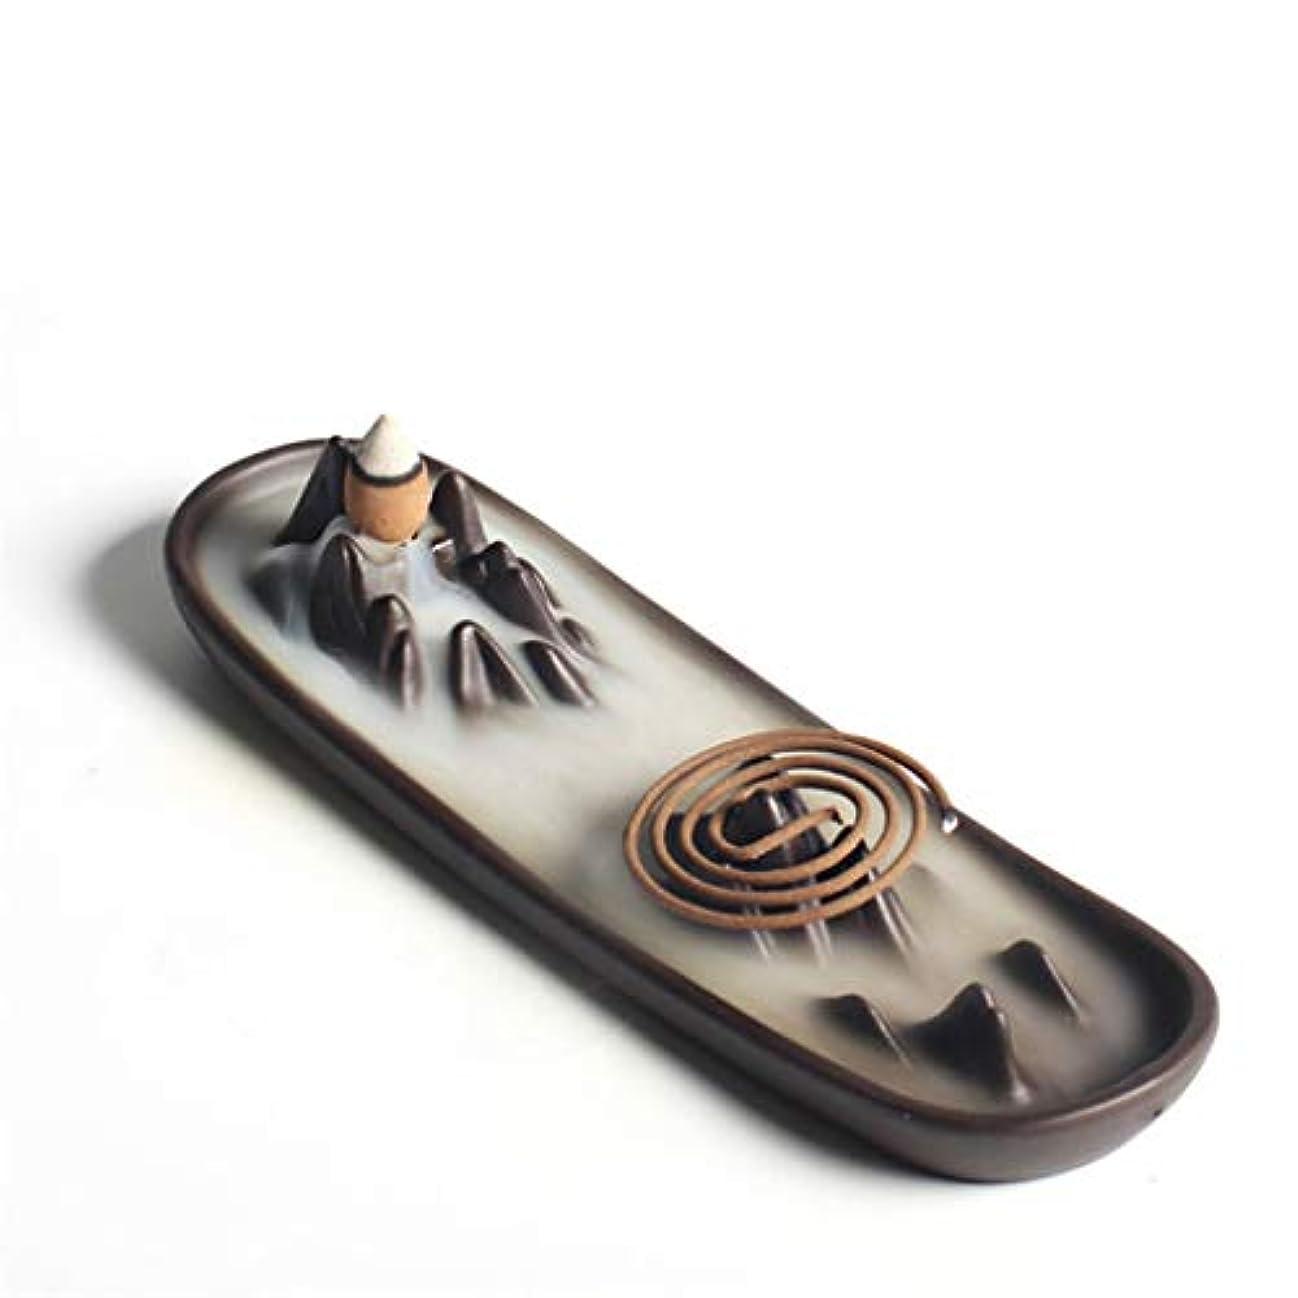 ボットバイオリン煙芳香器?アロマバーナー 逆流香バーナー家の装飾セラミックアロマセラピー仏教の滝香炉香コイルスティックホルダー アロマバーナー芳香器 (Color : A)